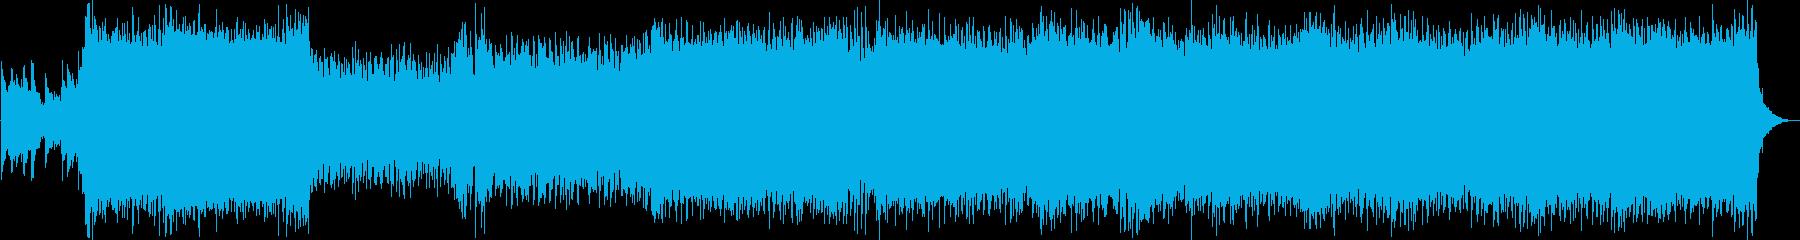 バトルや空を感じる4つ打ちアニソンBGMの再生済みの波形